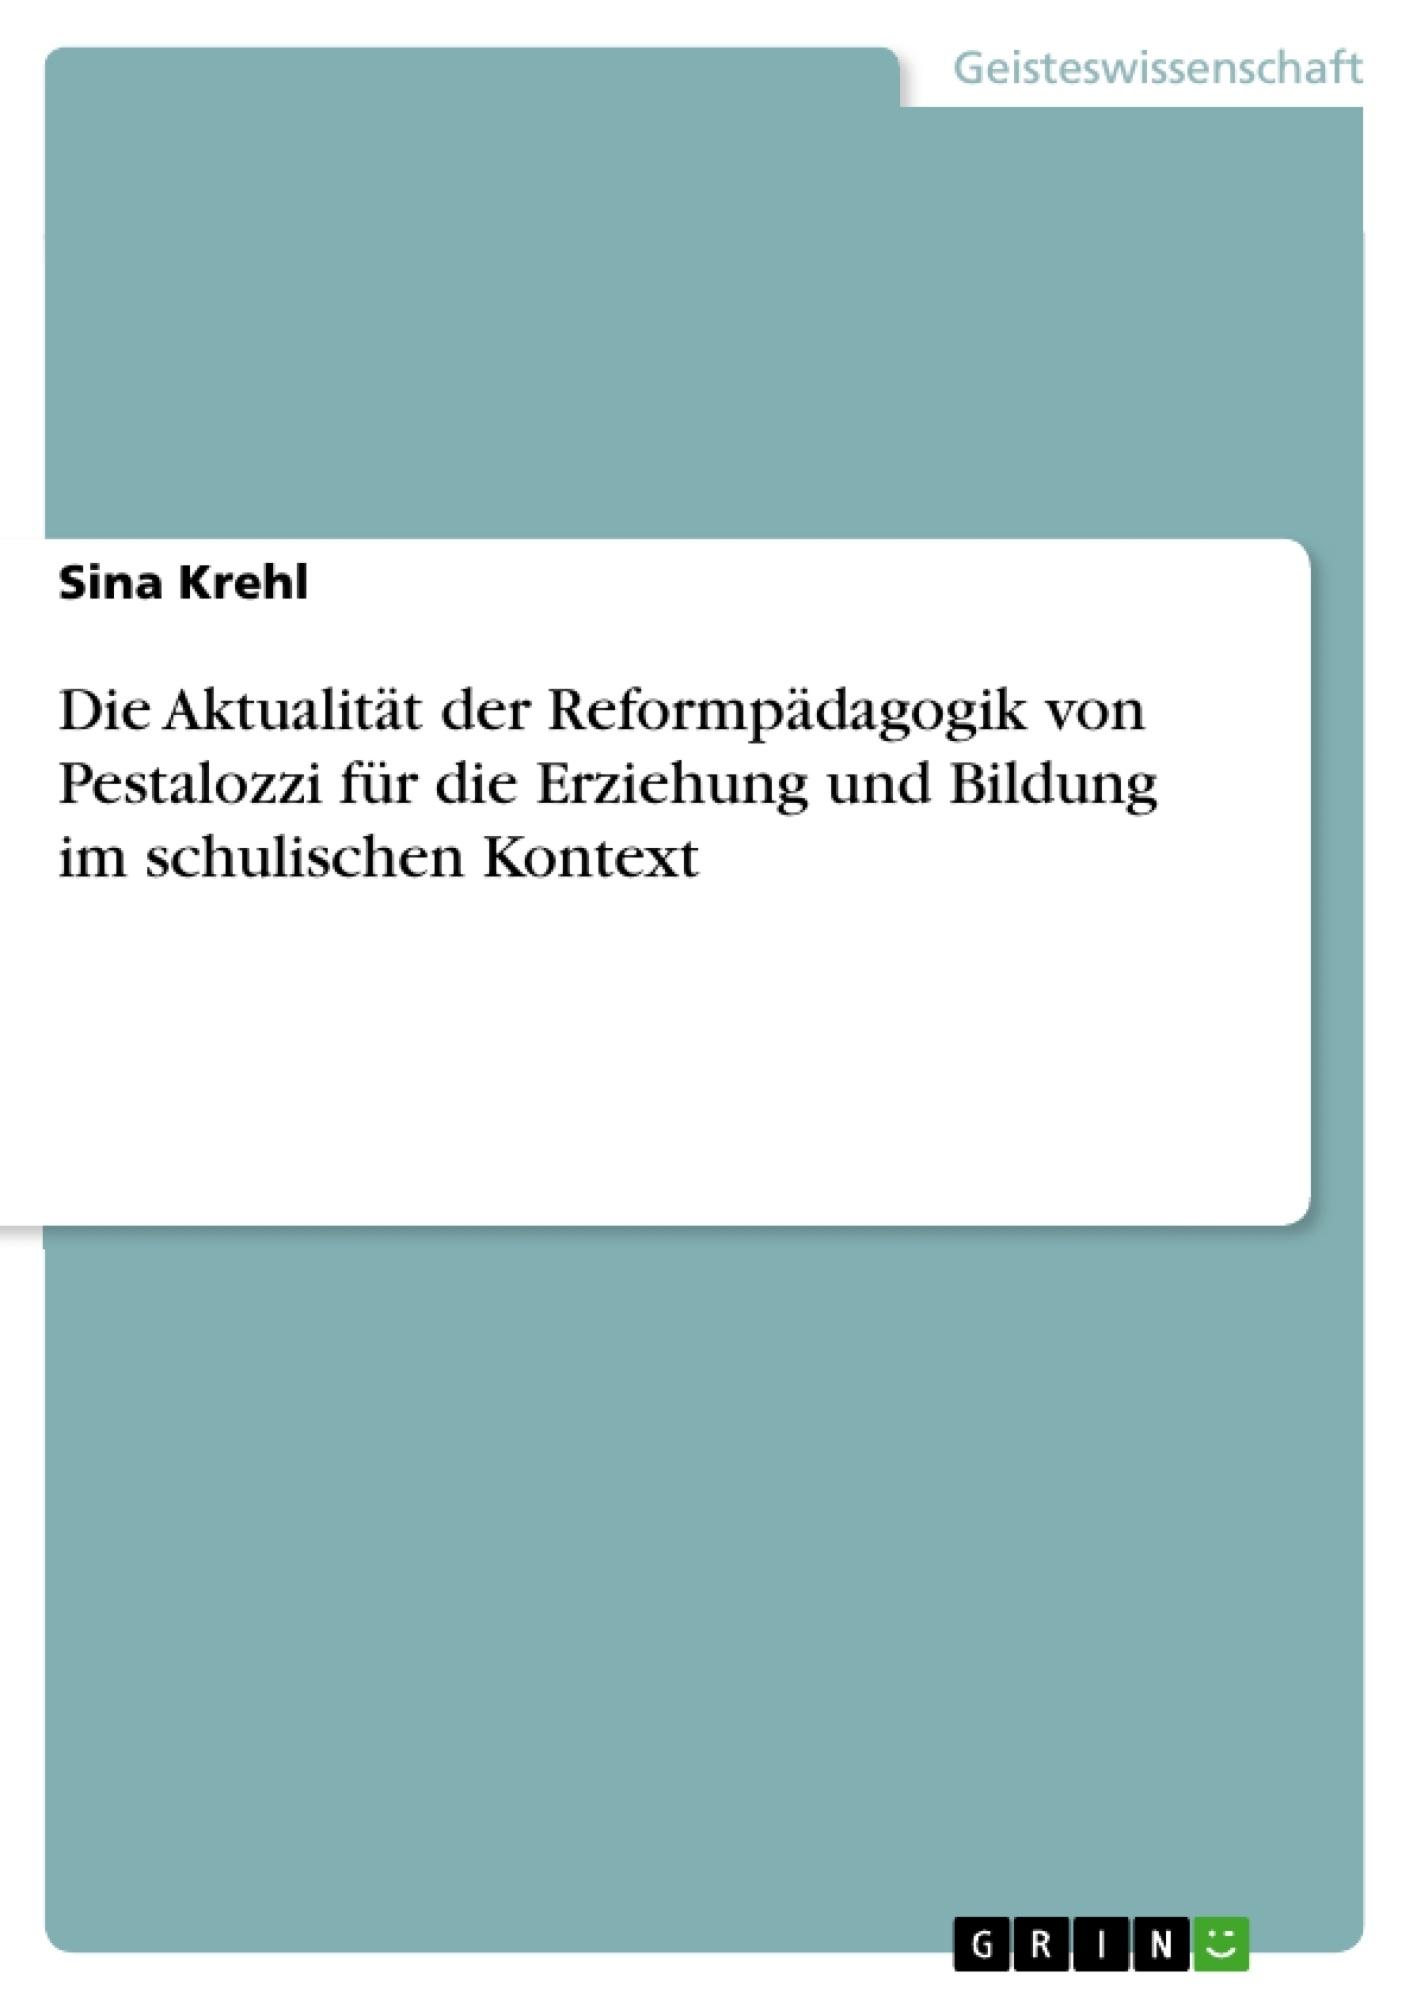 Titel: Die Aktualität der Reformpädagogik von Pestalozzi für die Erziehung und Bildung im schulischen Kontext